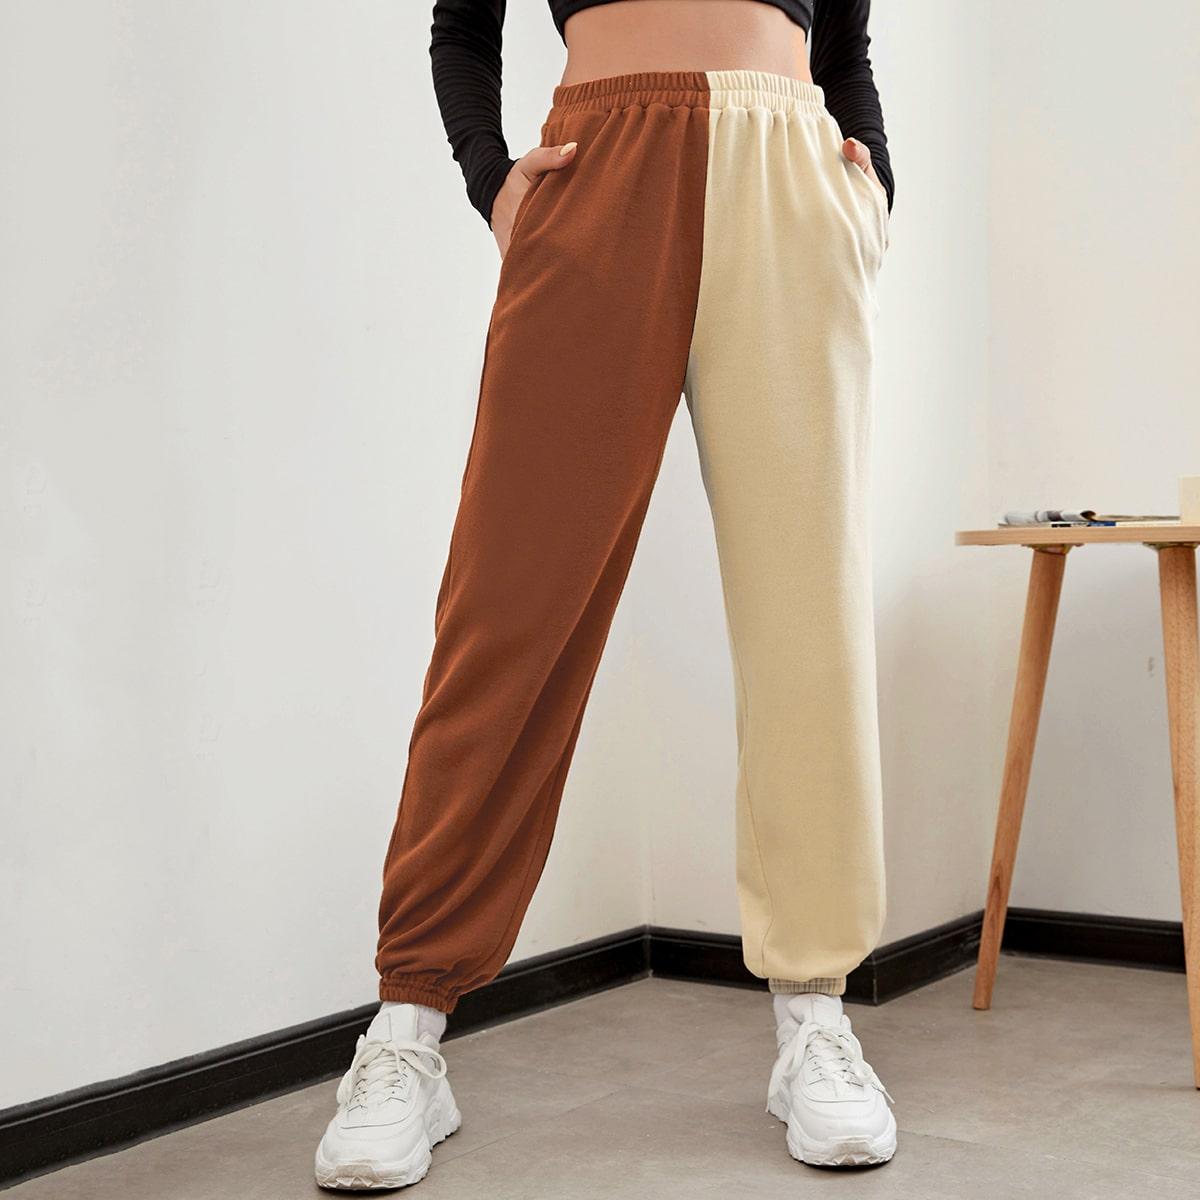 Двухцветные спортивные брюки